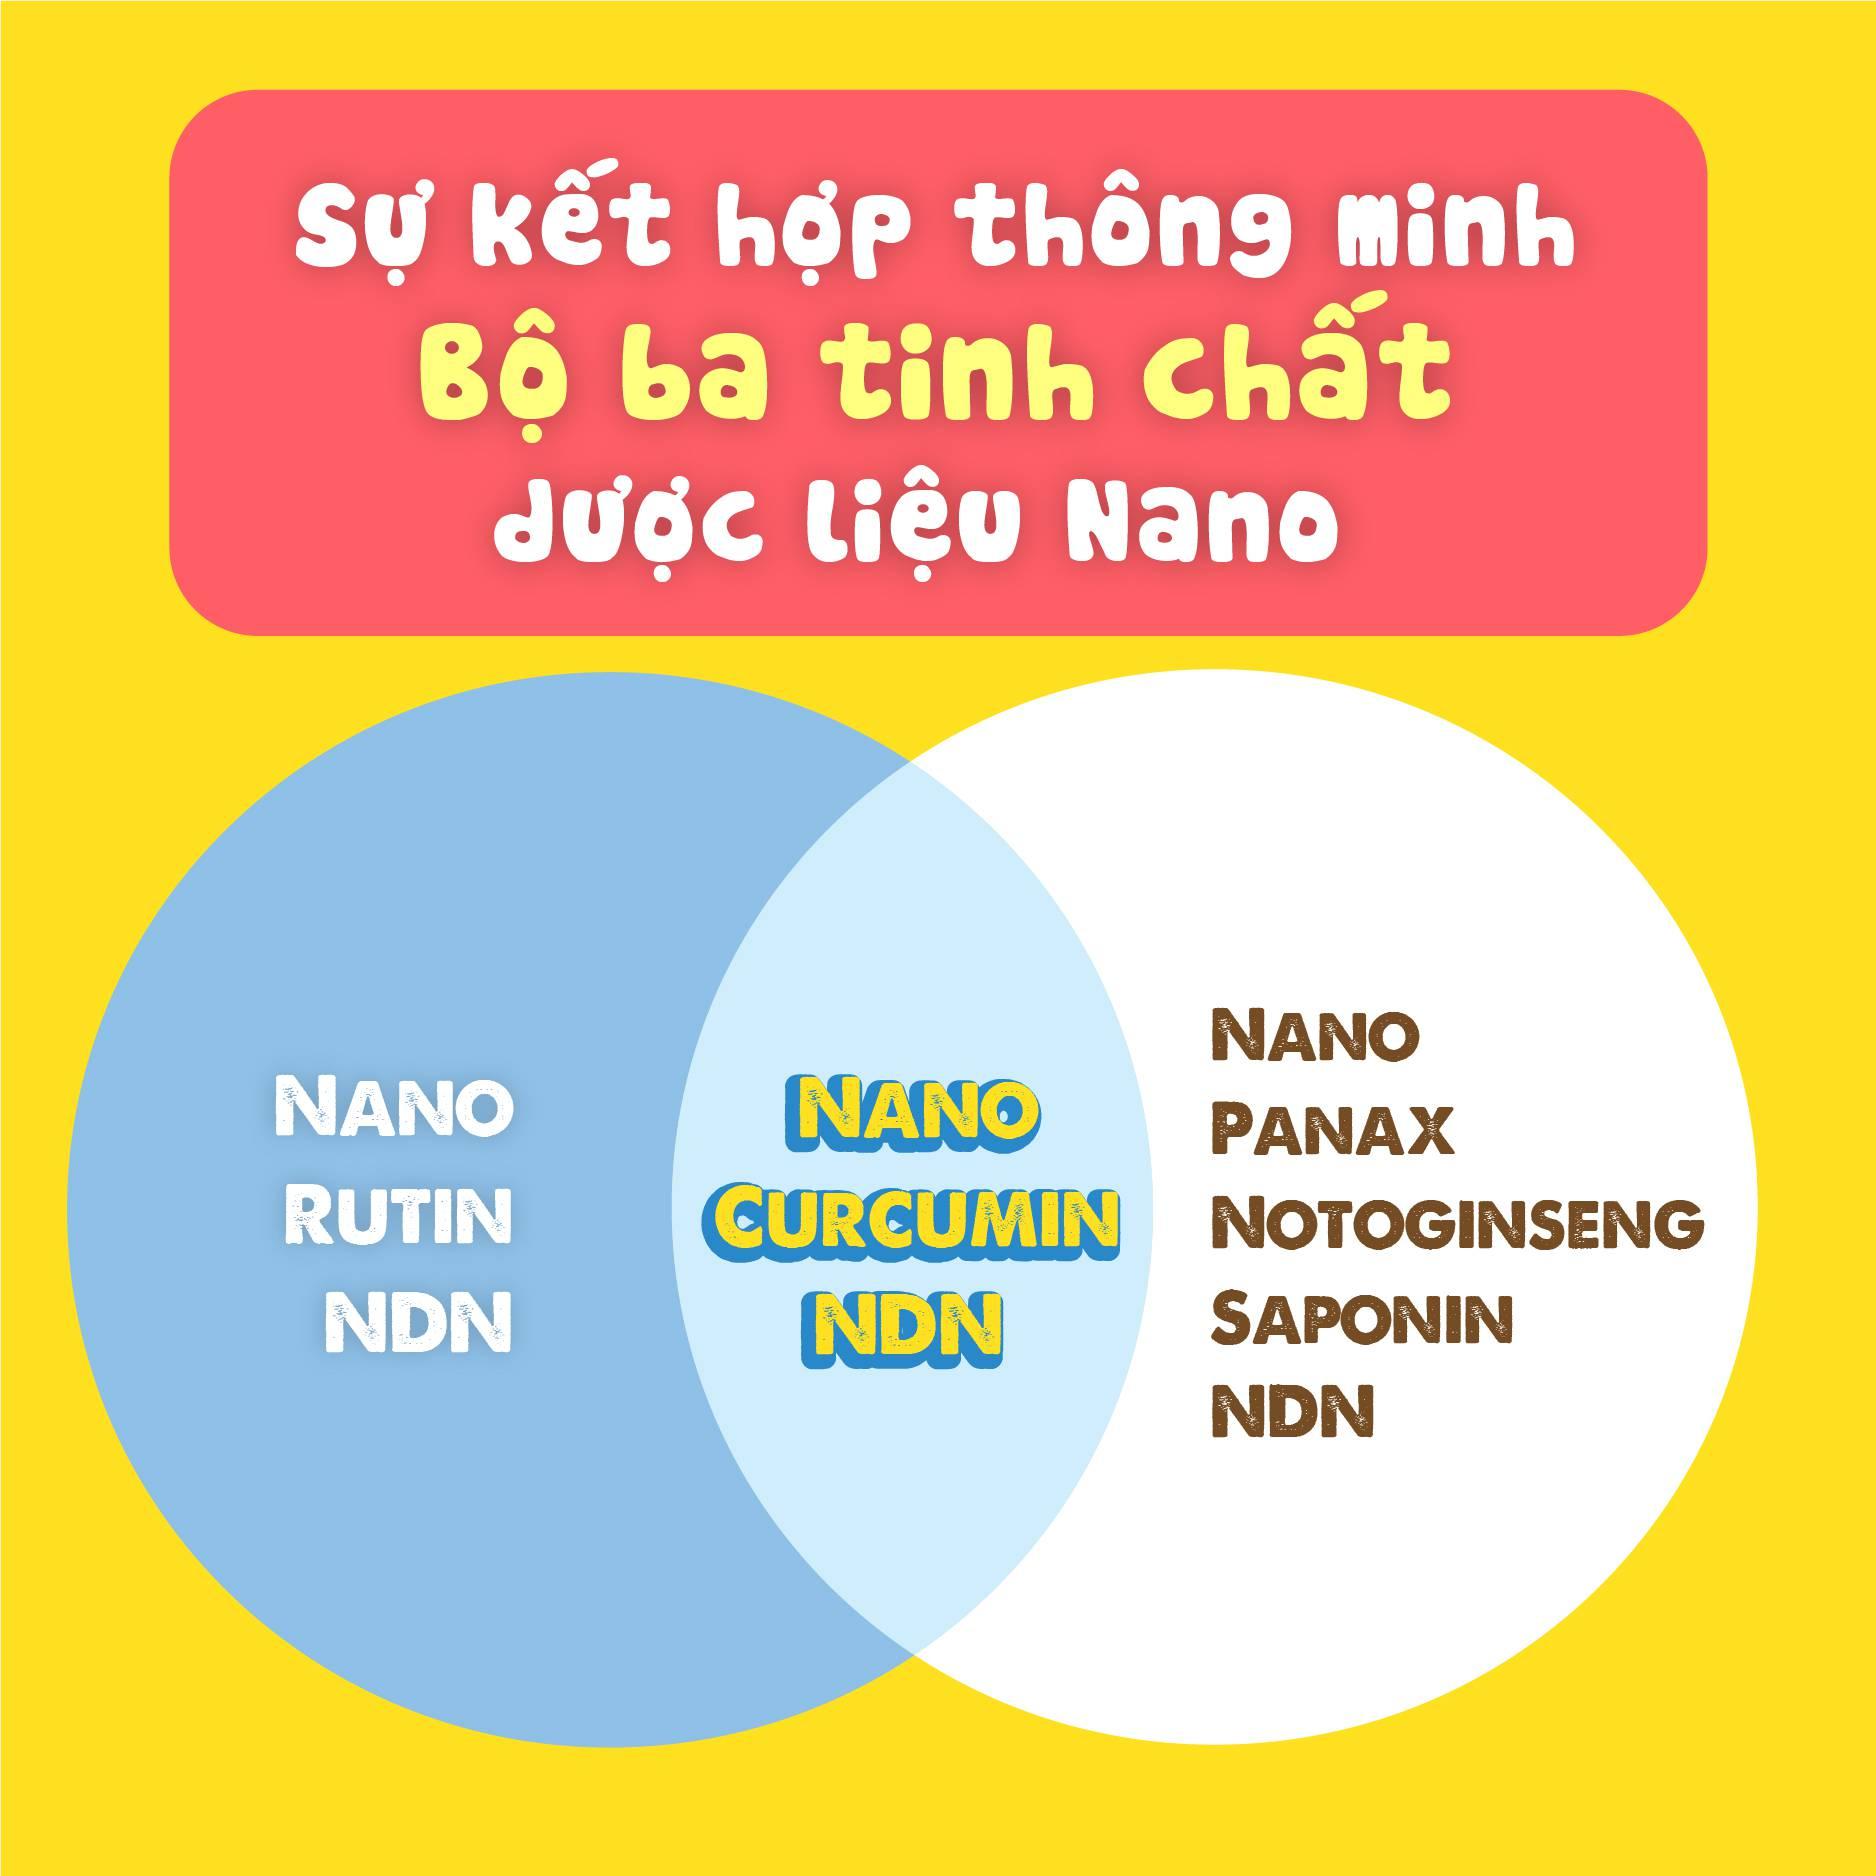 [THÁNG 6, THÁNG 7 - ĐÓN SINH NHẬT CÙNG VIETLIFE] Skincare Nano - Lời hồi đáp cho làn da mụn 1